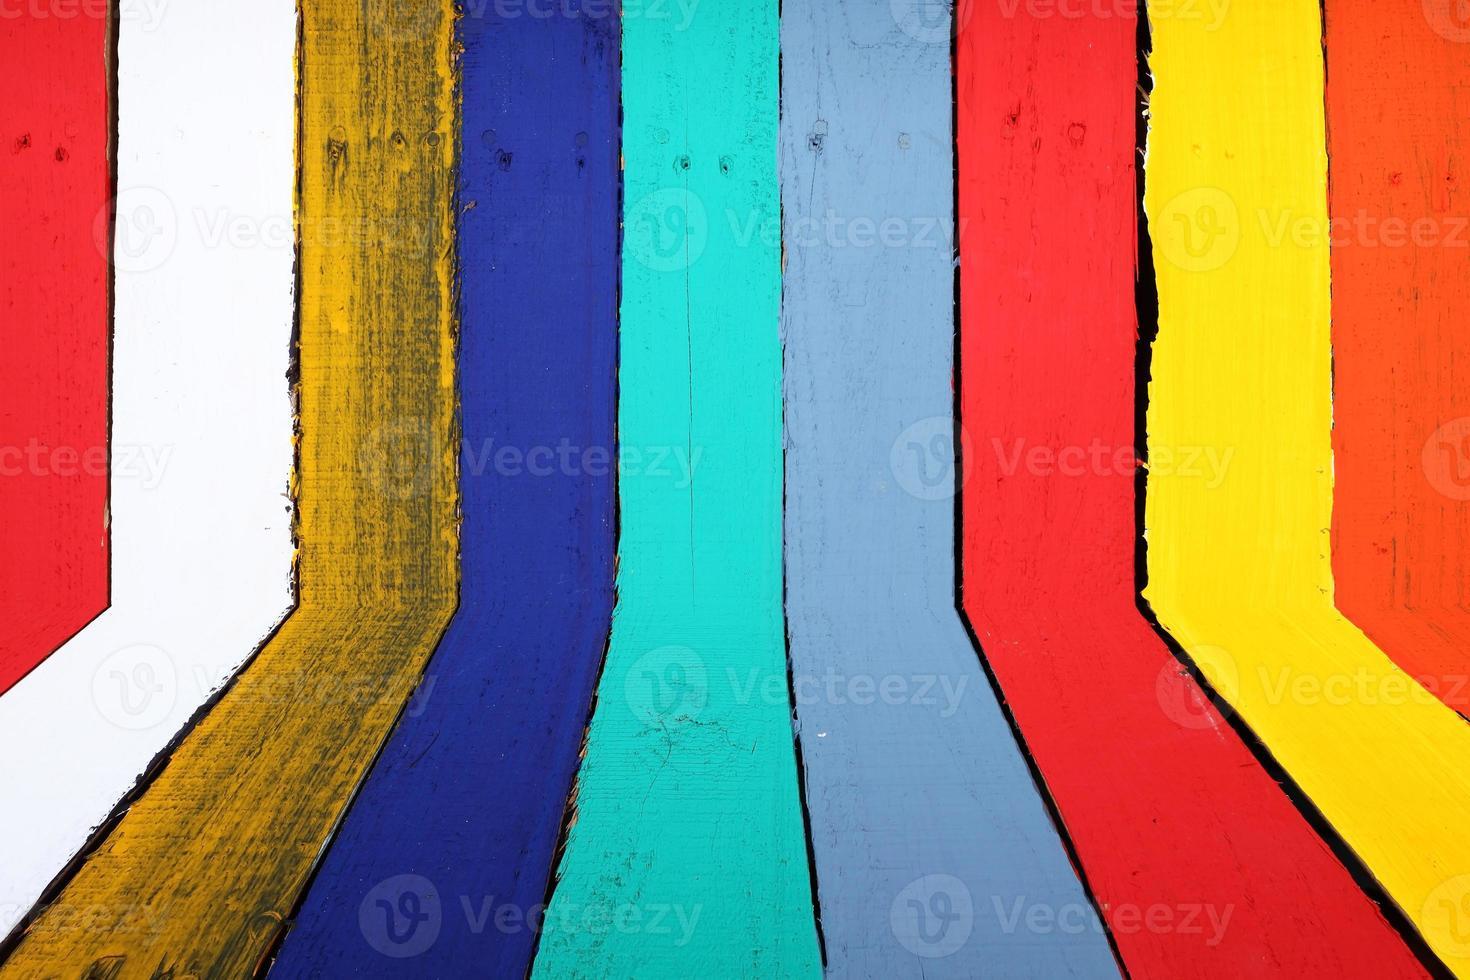 perspectiva colorida pared foto